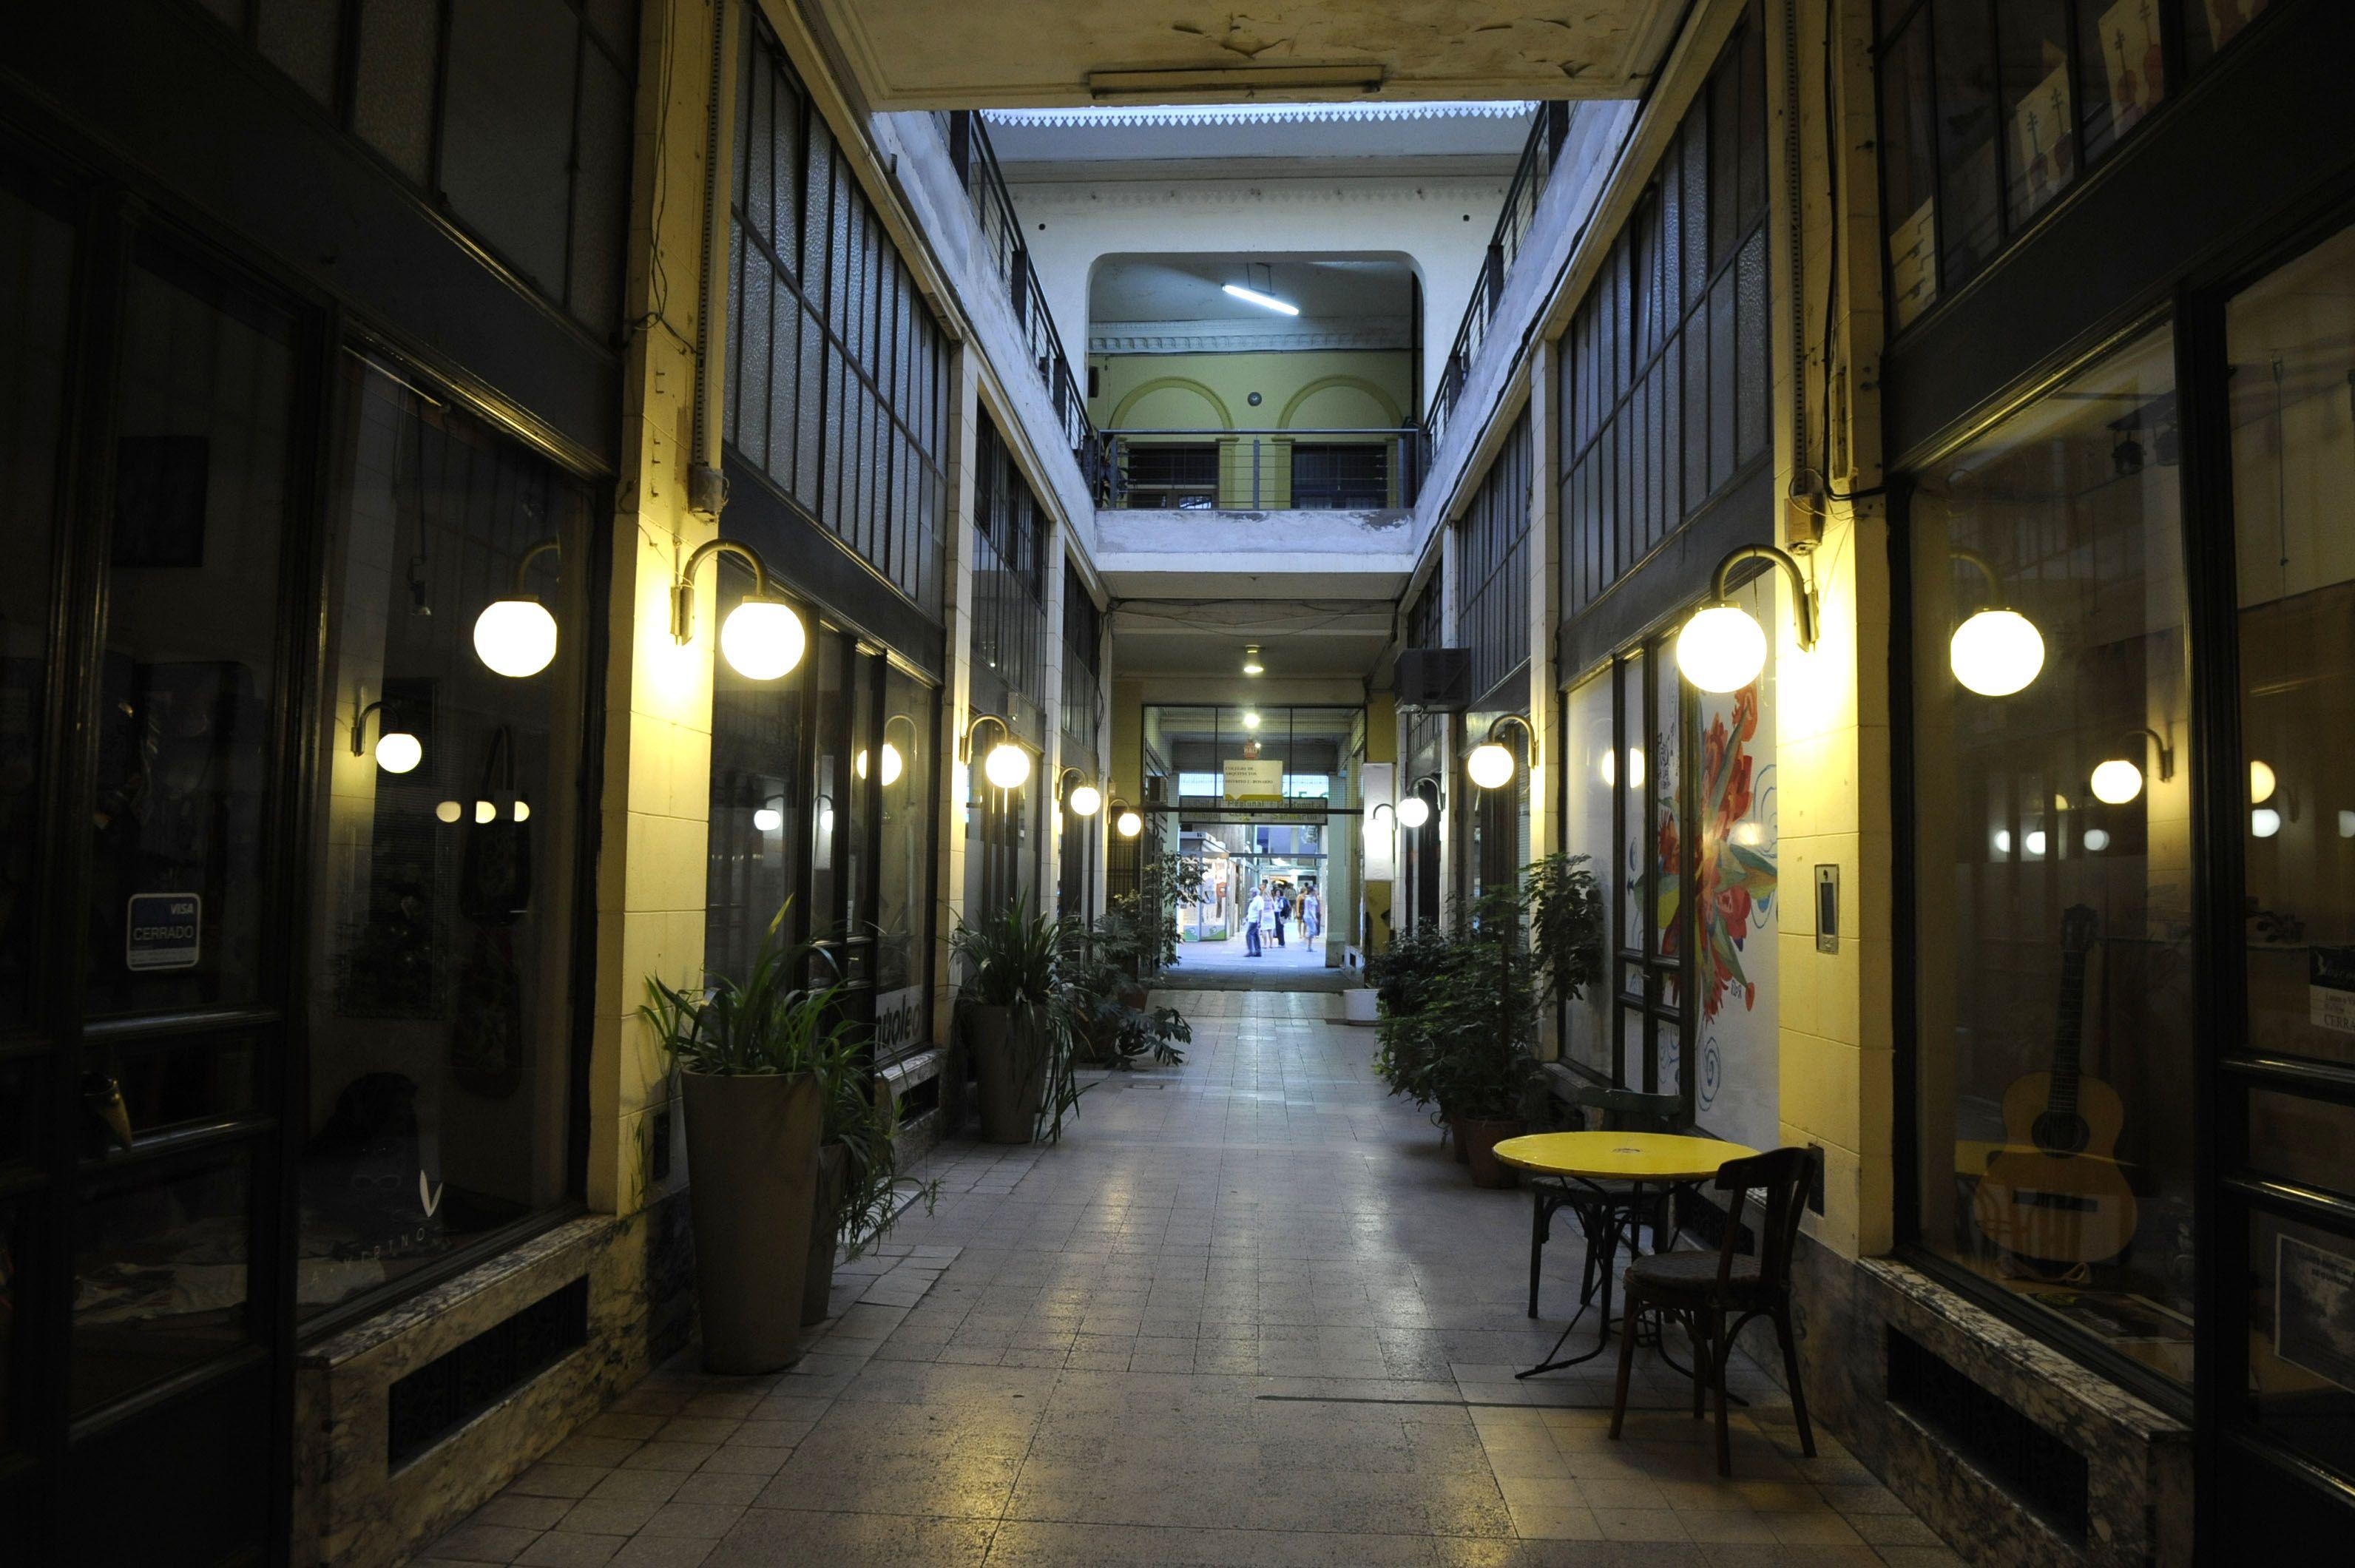 La histórica galería que conecta la peatonal Córdoba con Santa Fe. (Foto de archivo)